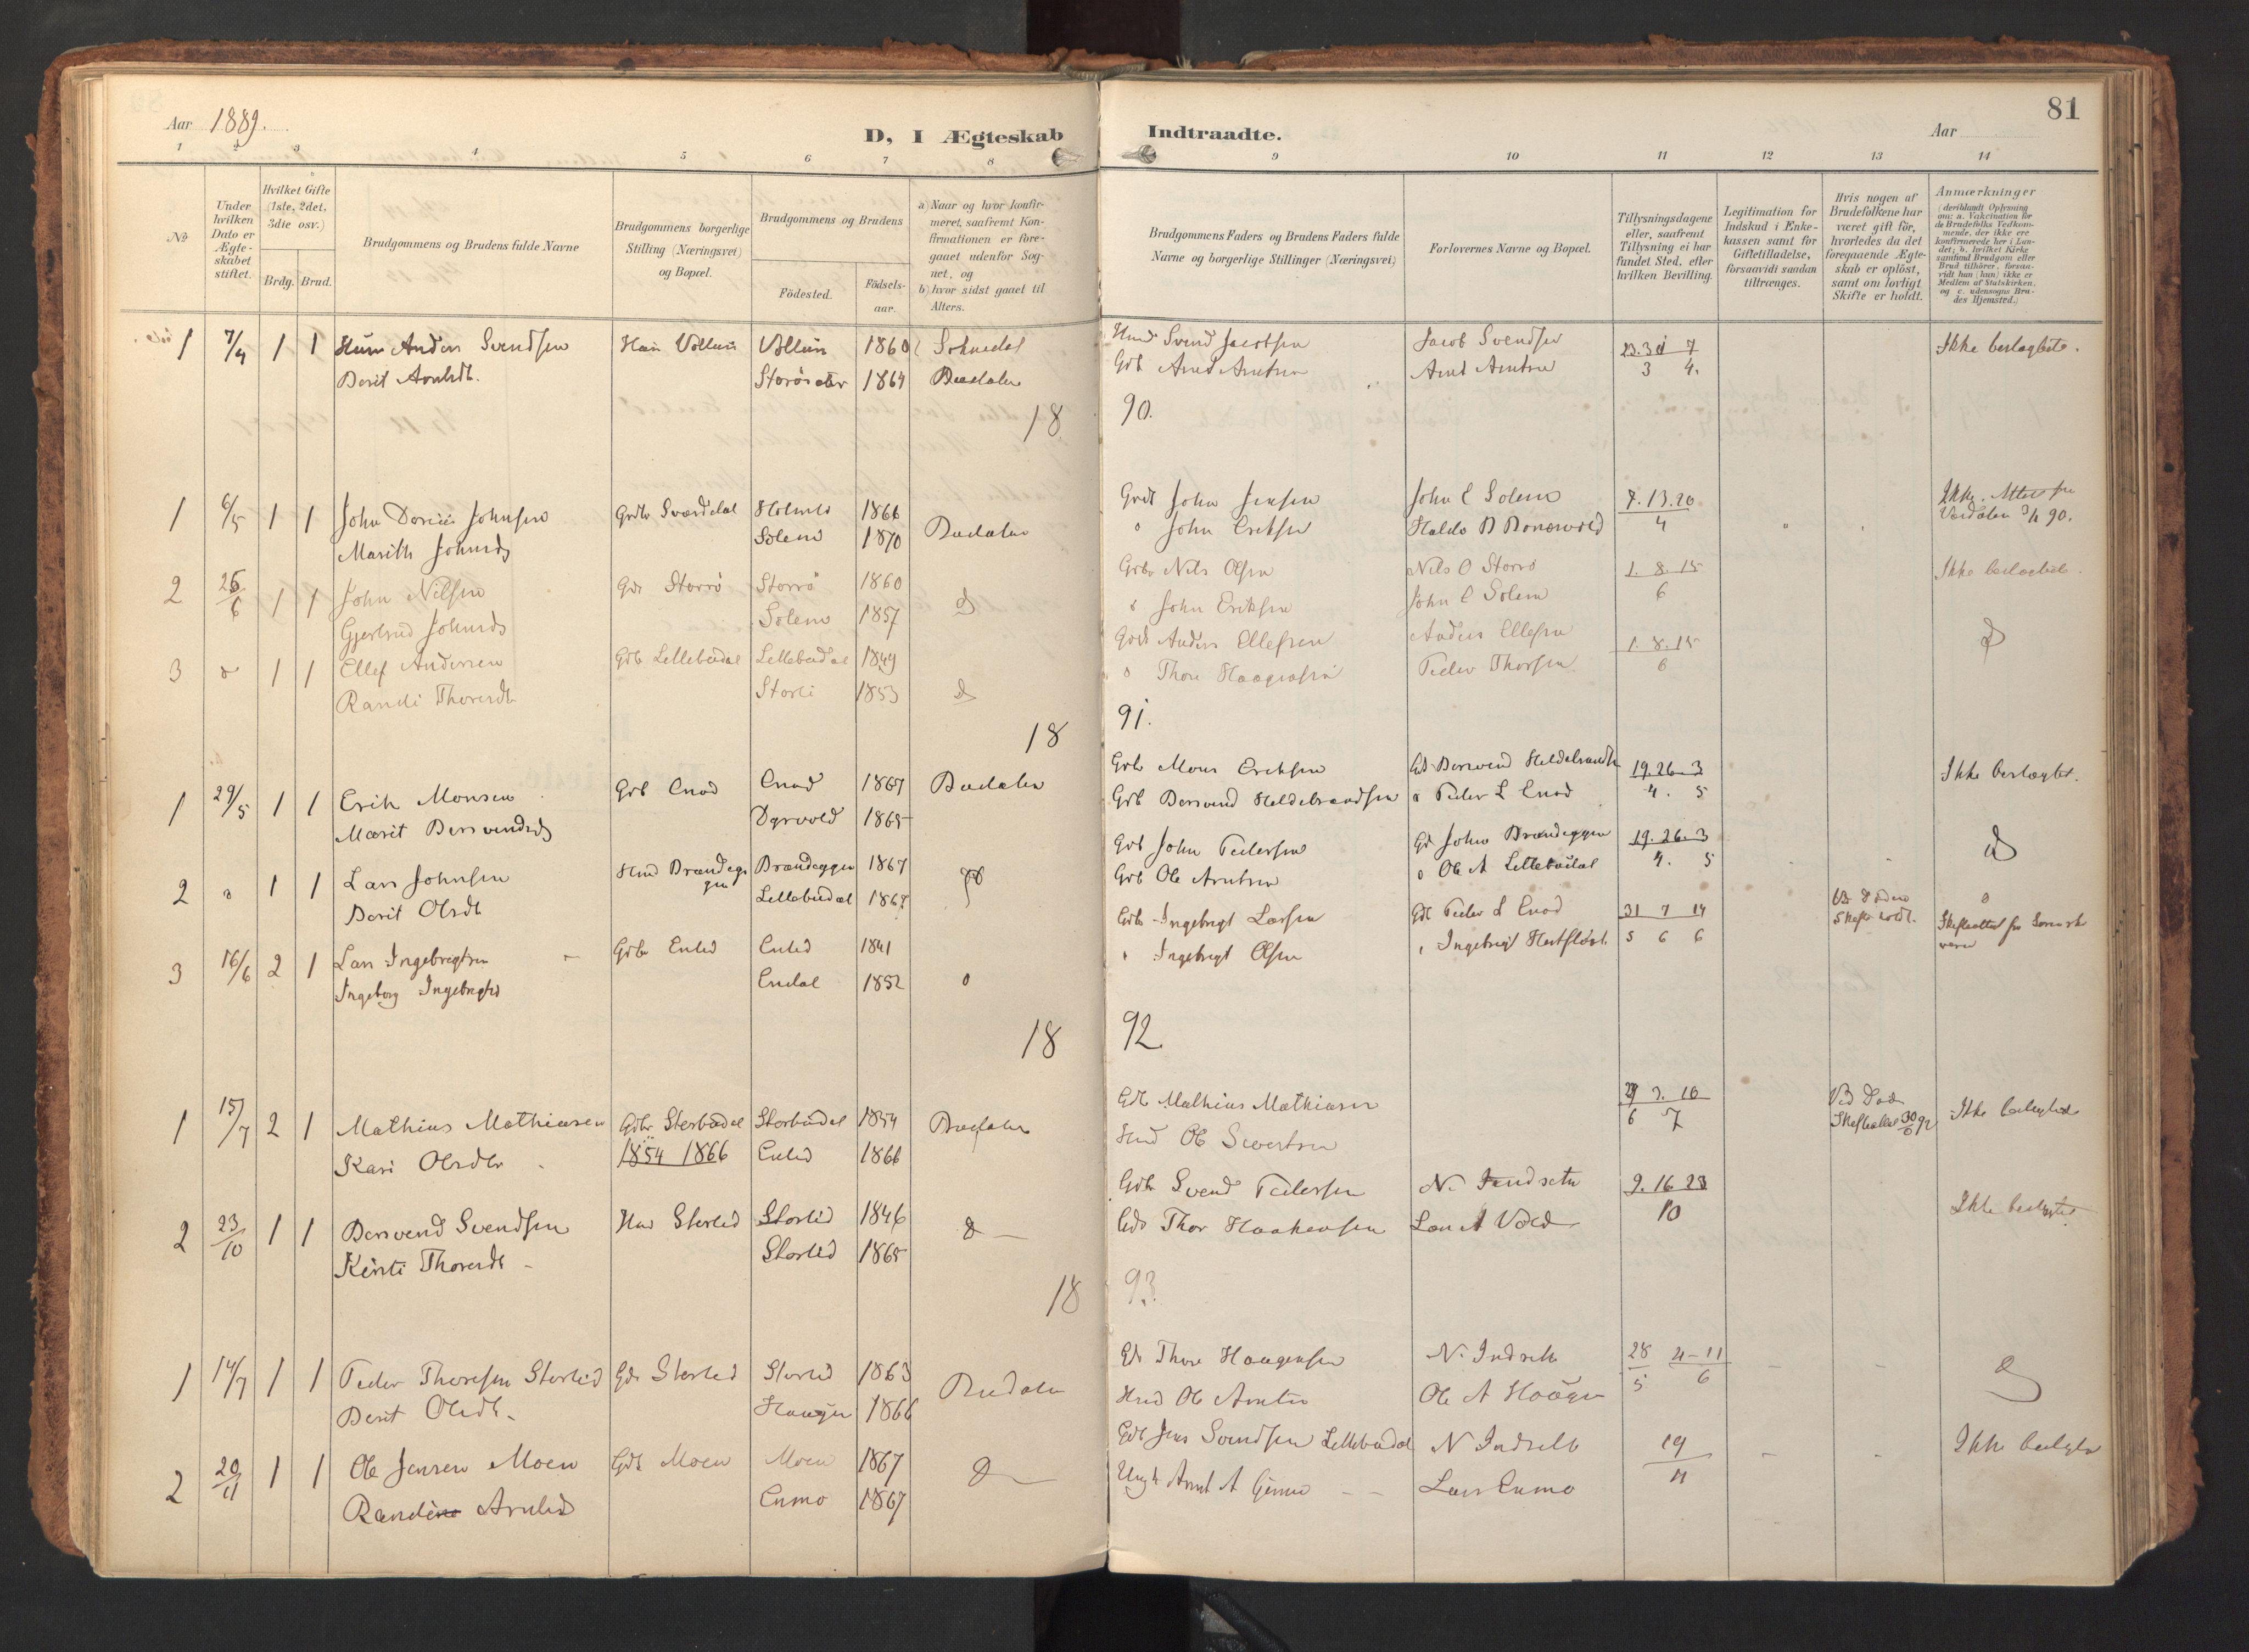 SAT, Ministerialprotokoller, klokkerbøker og fødselsregistre - Sør-Trøndelag, 690/L1050: Ministerialbok nr. 690A01, 1889-1929, s. 81